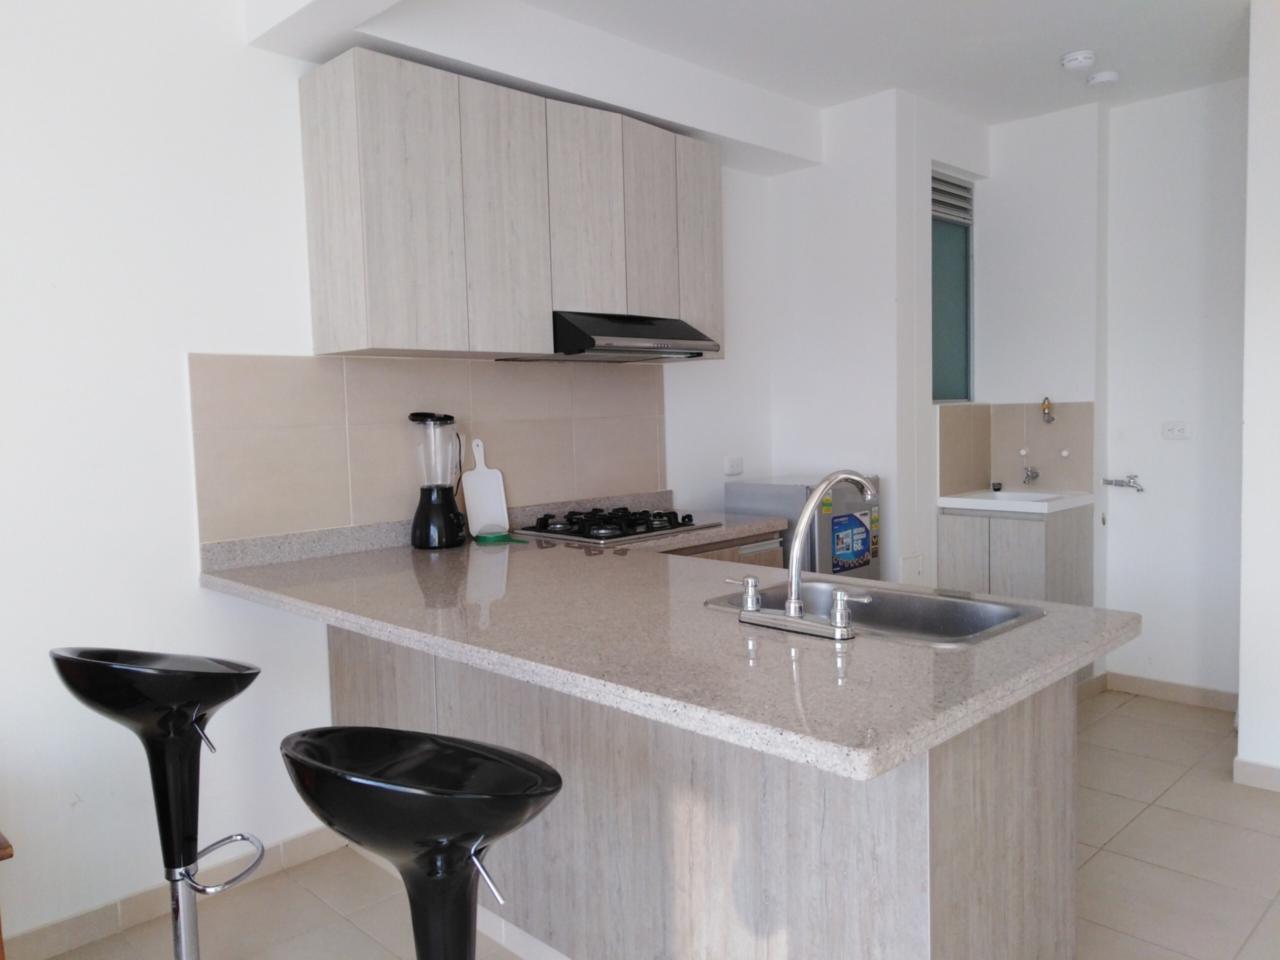 1 cocina apartaestudio galeon Hoteles en Girardot